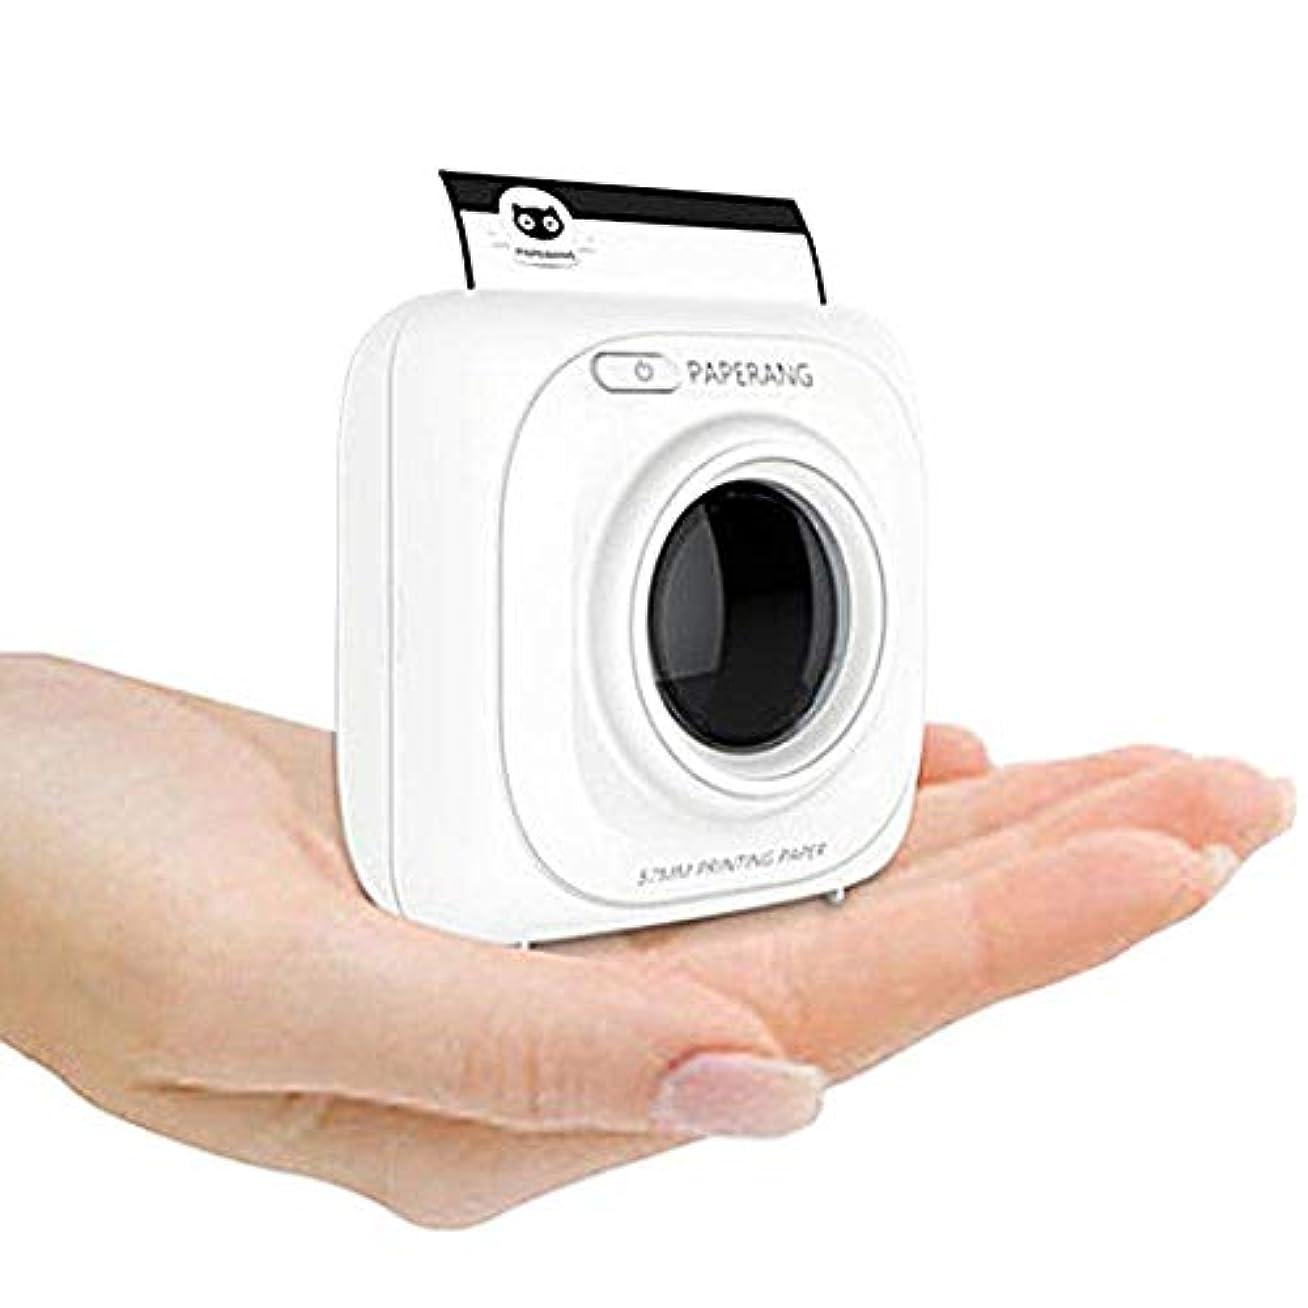 接ぎ木マイルストーン再撮り印刷物のペーパーが付いているiPhone / iPad / Mac /人間の特徴をもつ装置のためのP1白い小型無線ペーパー写真プリンター携帯用Bluetoothの即刻のモバイルプリンター